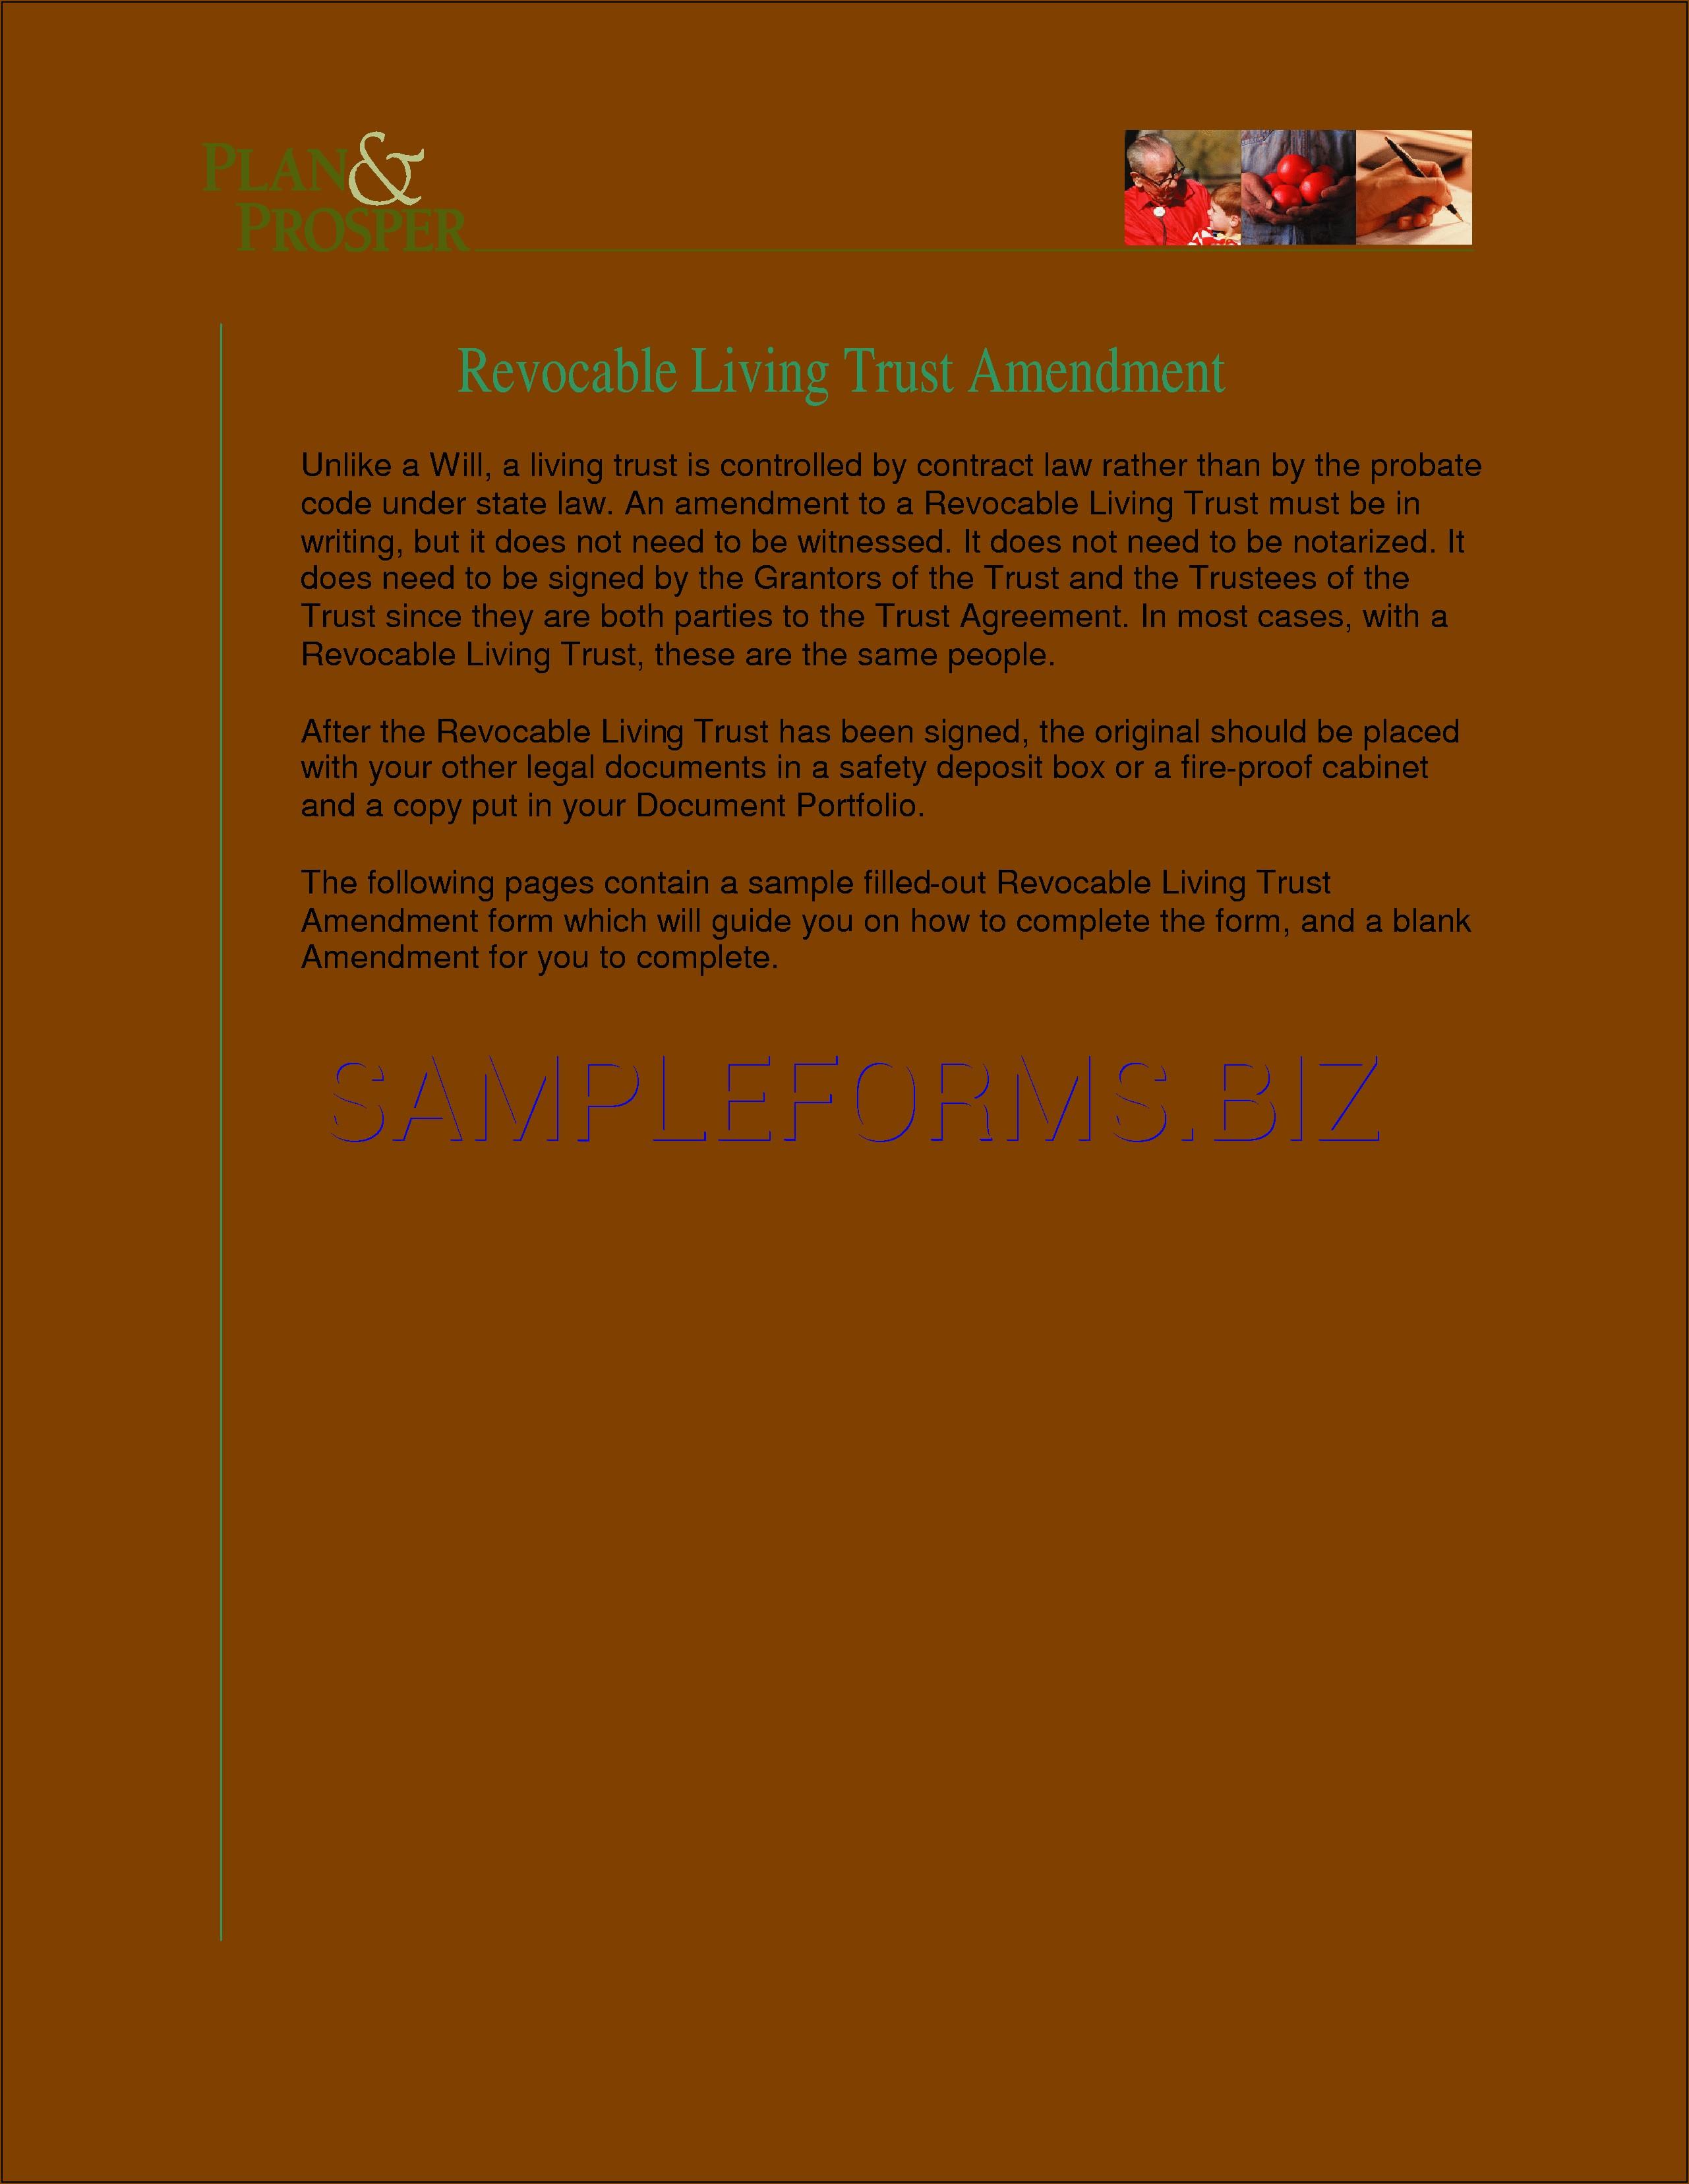 Revocable Living Trust Amendment Form Pdf